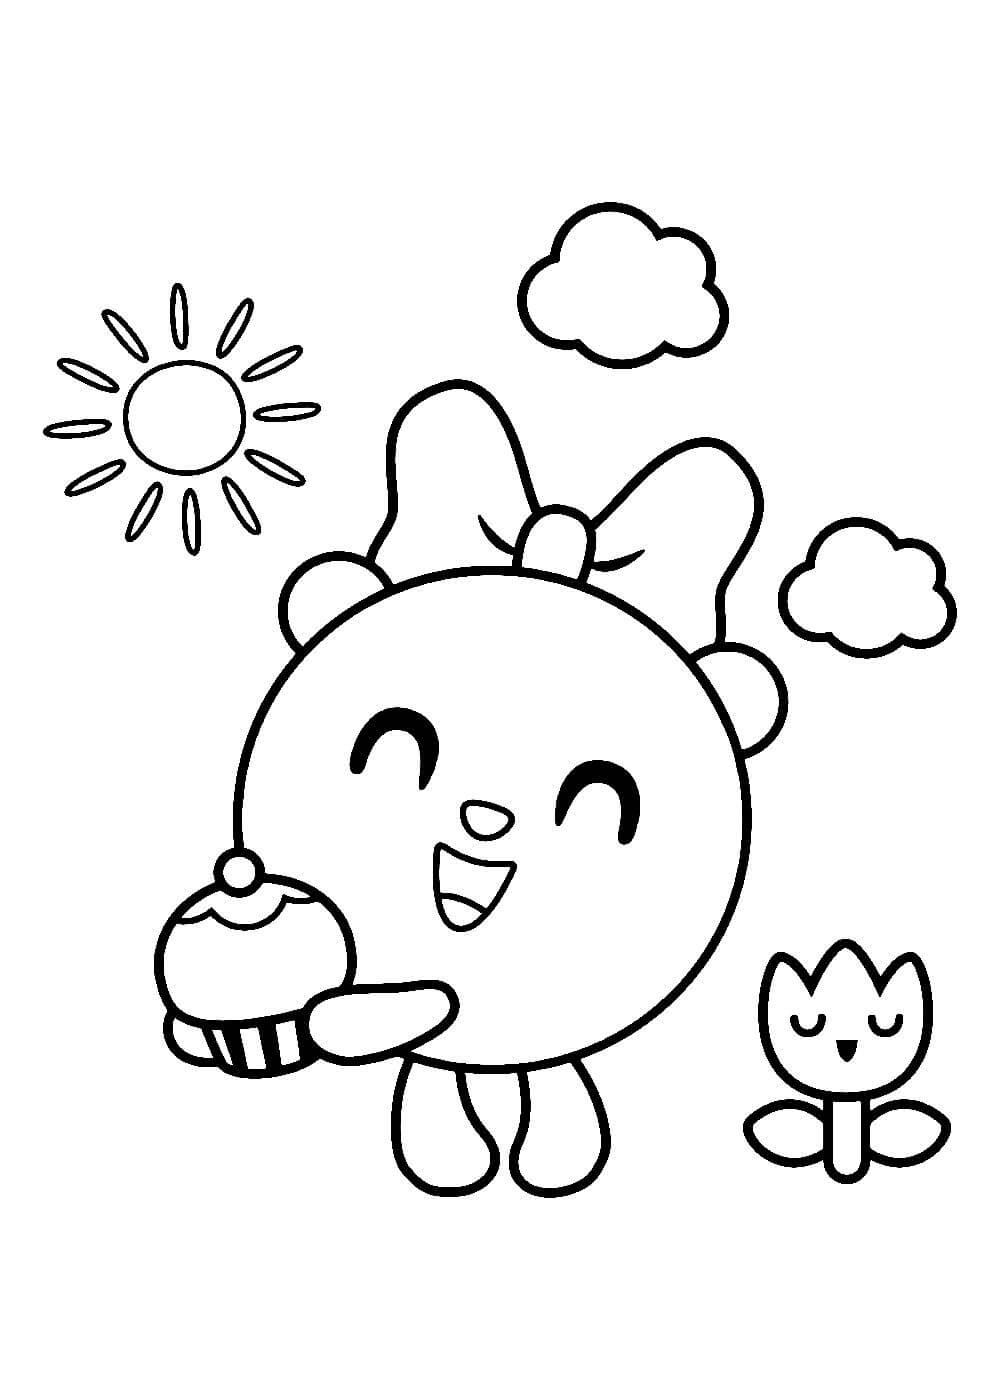 Раскраски малышарики распечатать или скачать бесплатно в ...